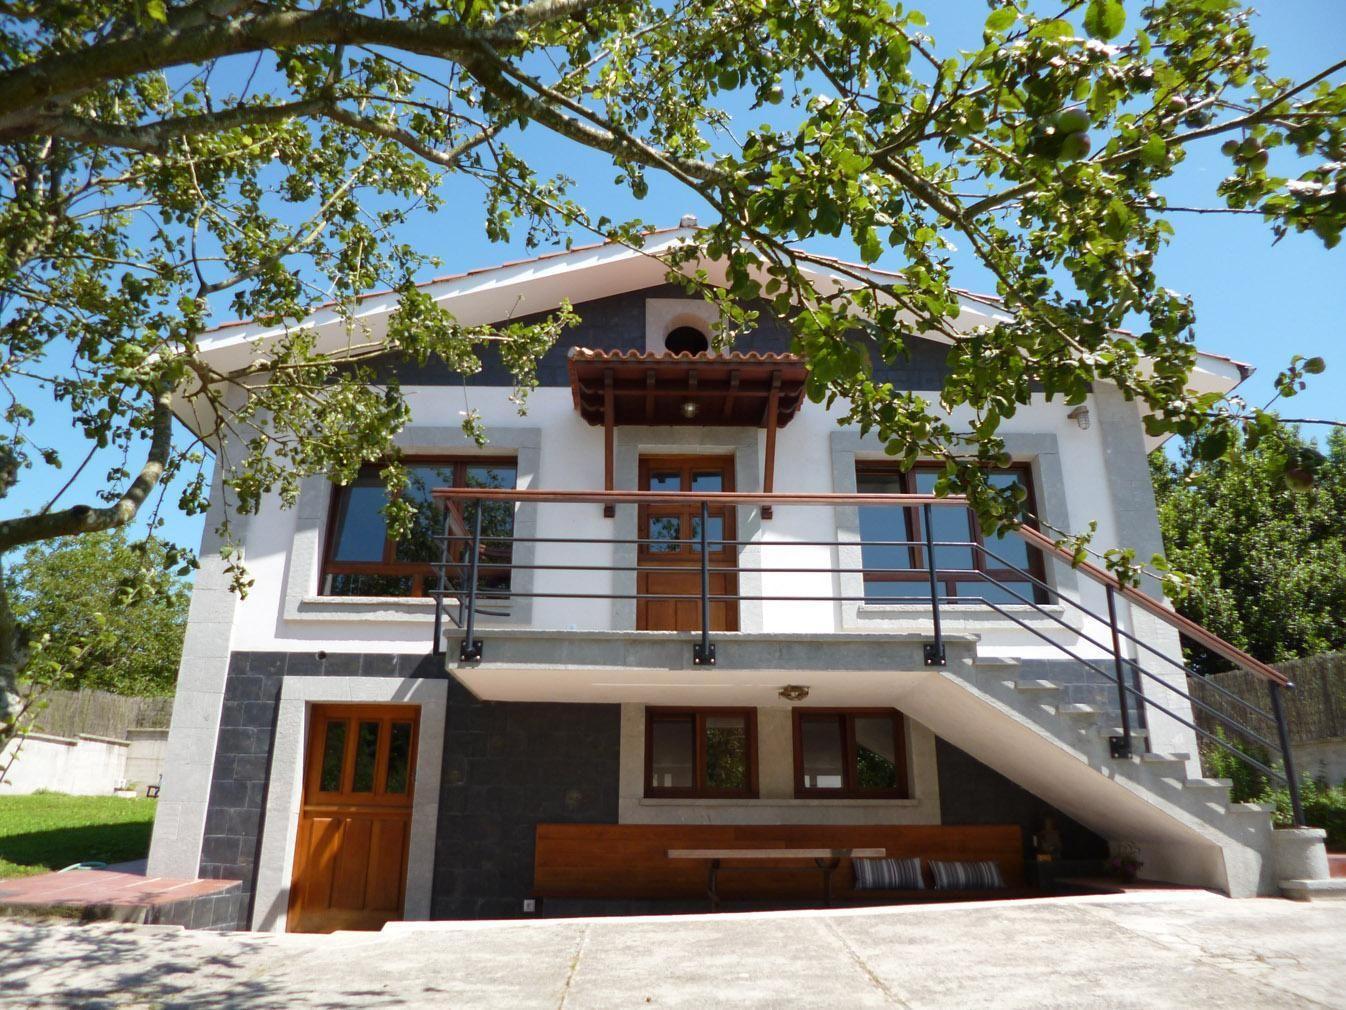 Ferienhaus für 4 Personen ca. 70 m² in L   Costa Verde